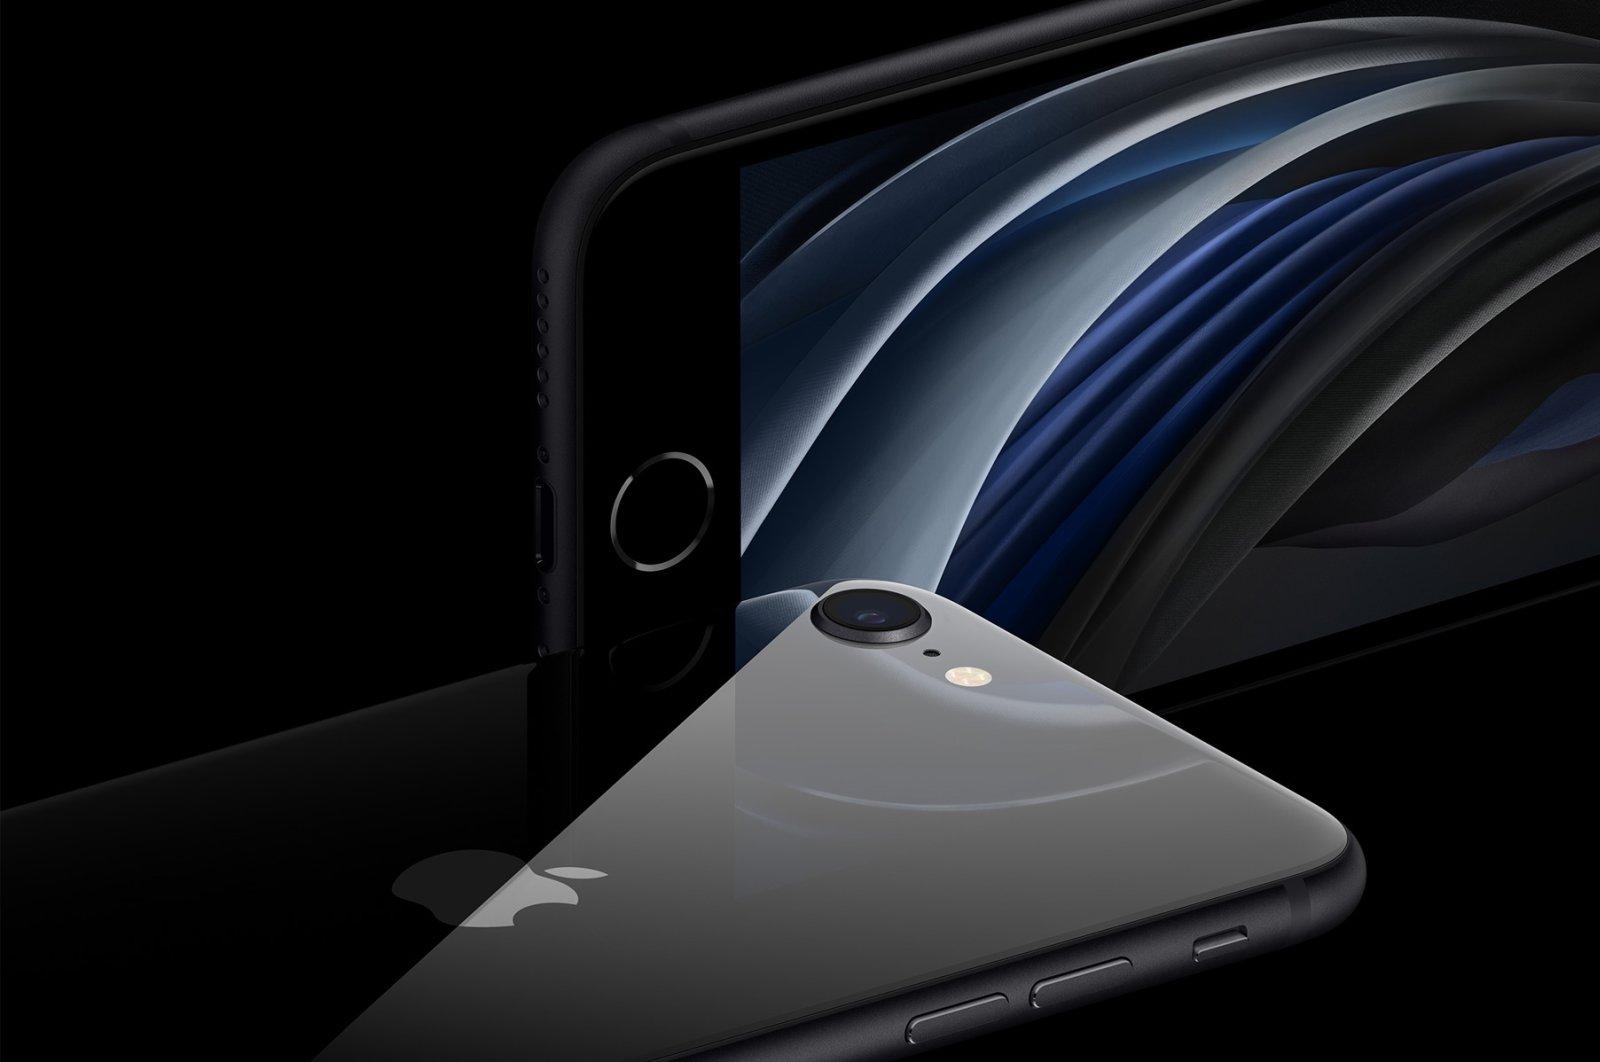 Photo courtesy of Apple Inc.